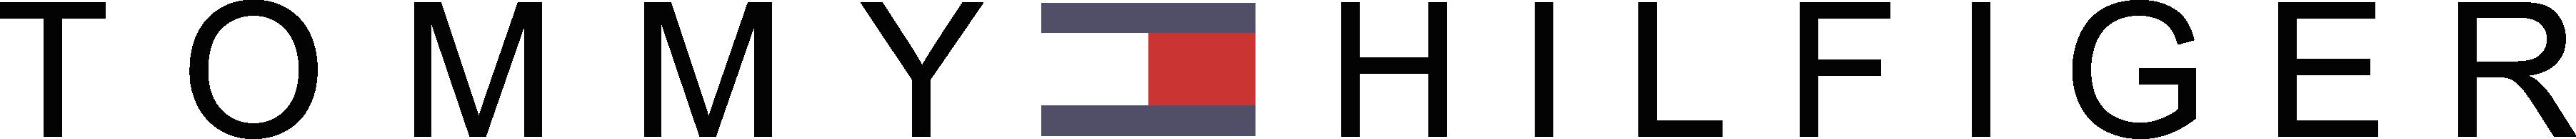 Tommy Hilfiger Logo png